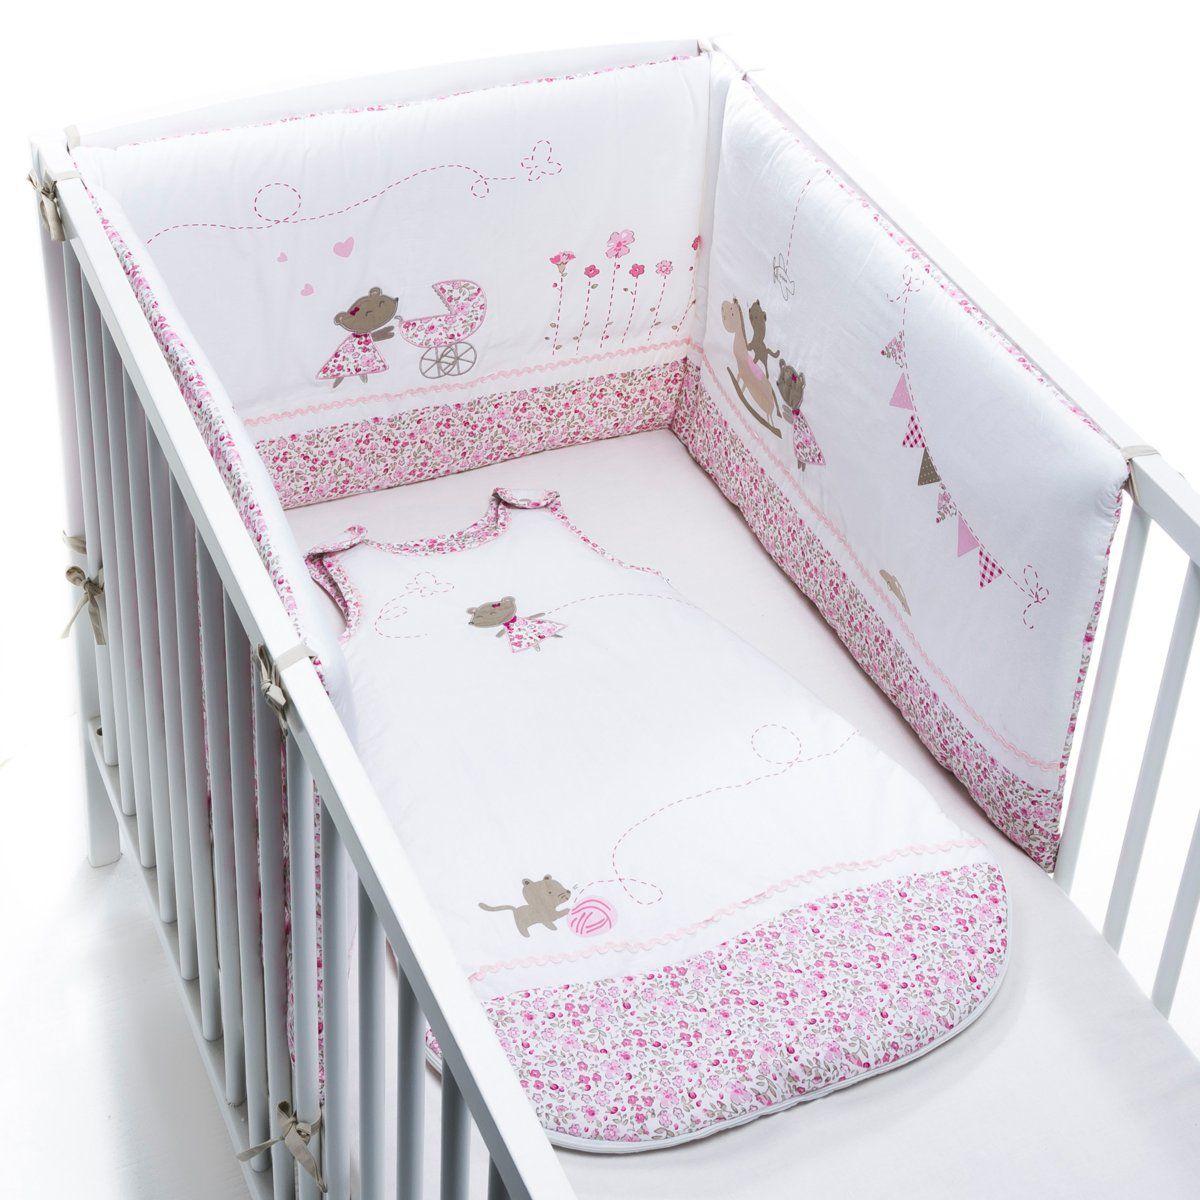 danger tour de lit bébé Tour De Lit Est Dangereux – Maillot de foot 2013 danger tour de lit bébé